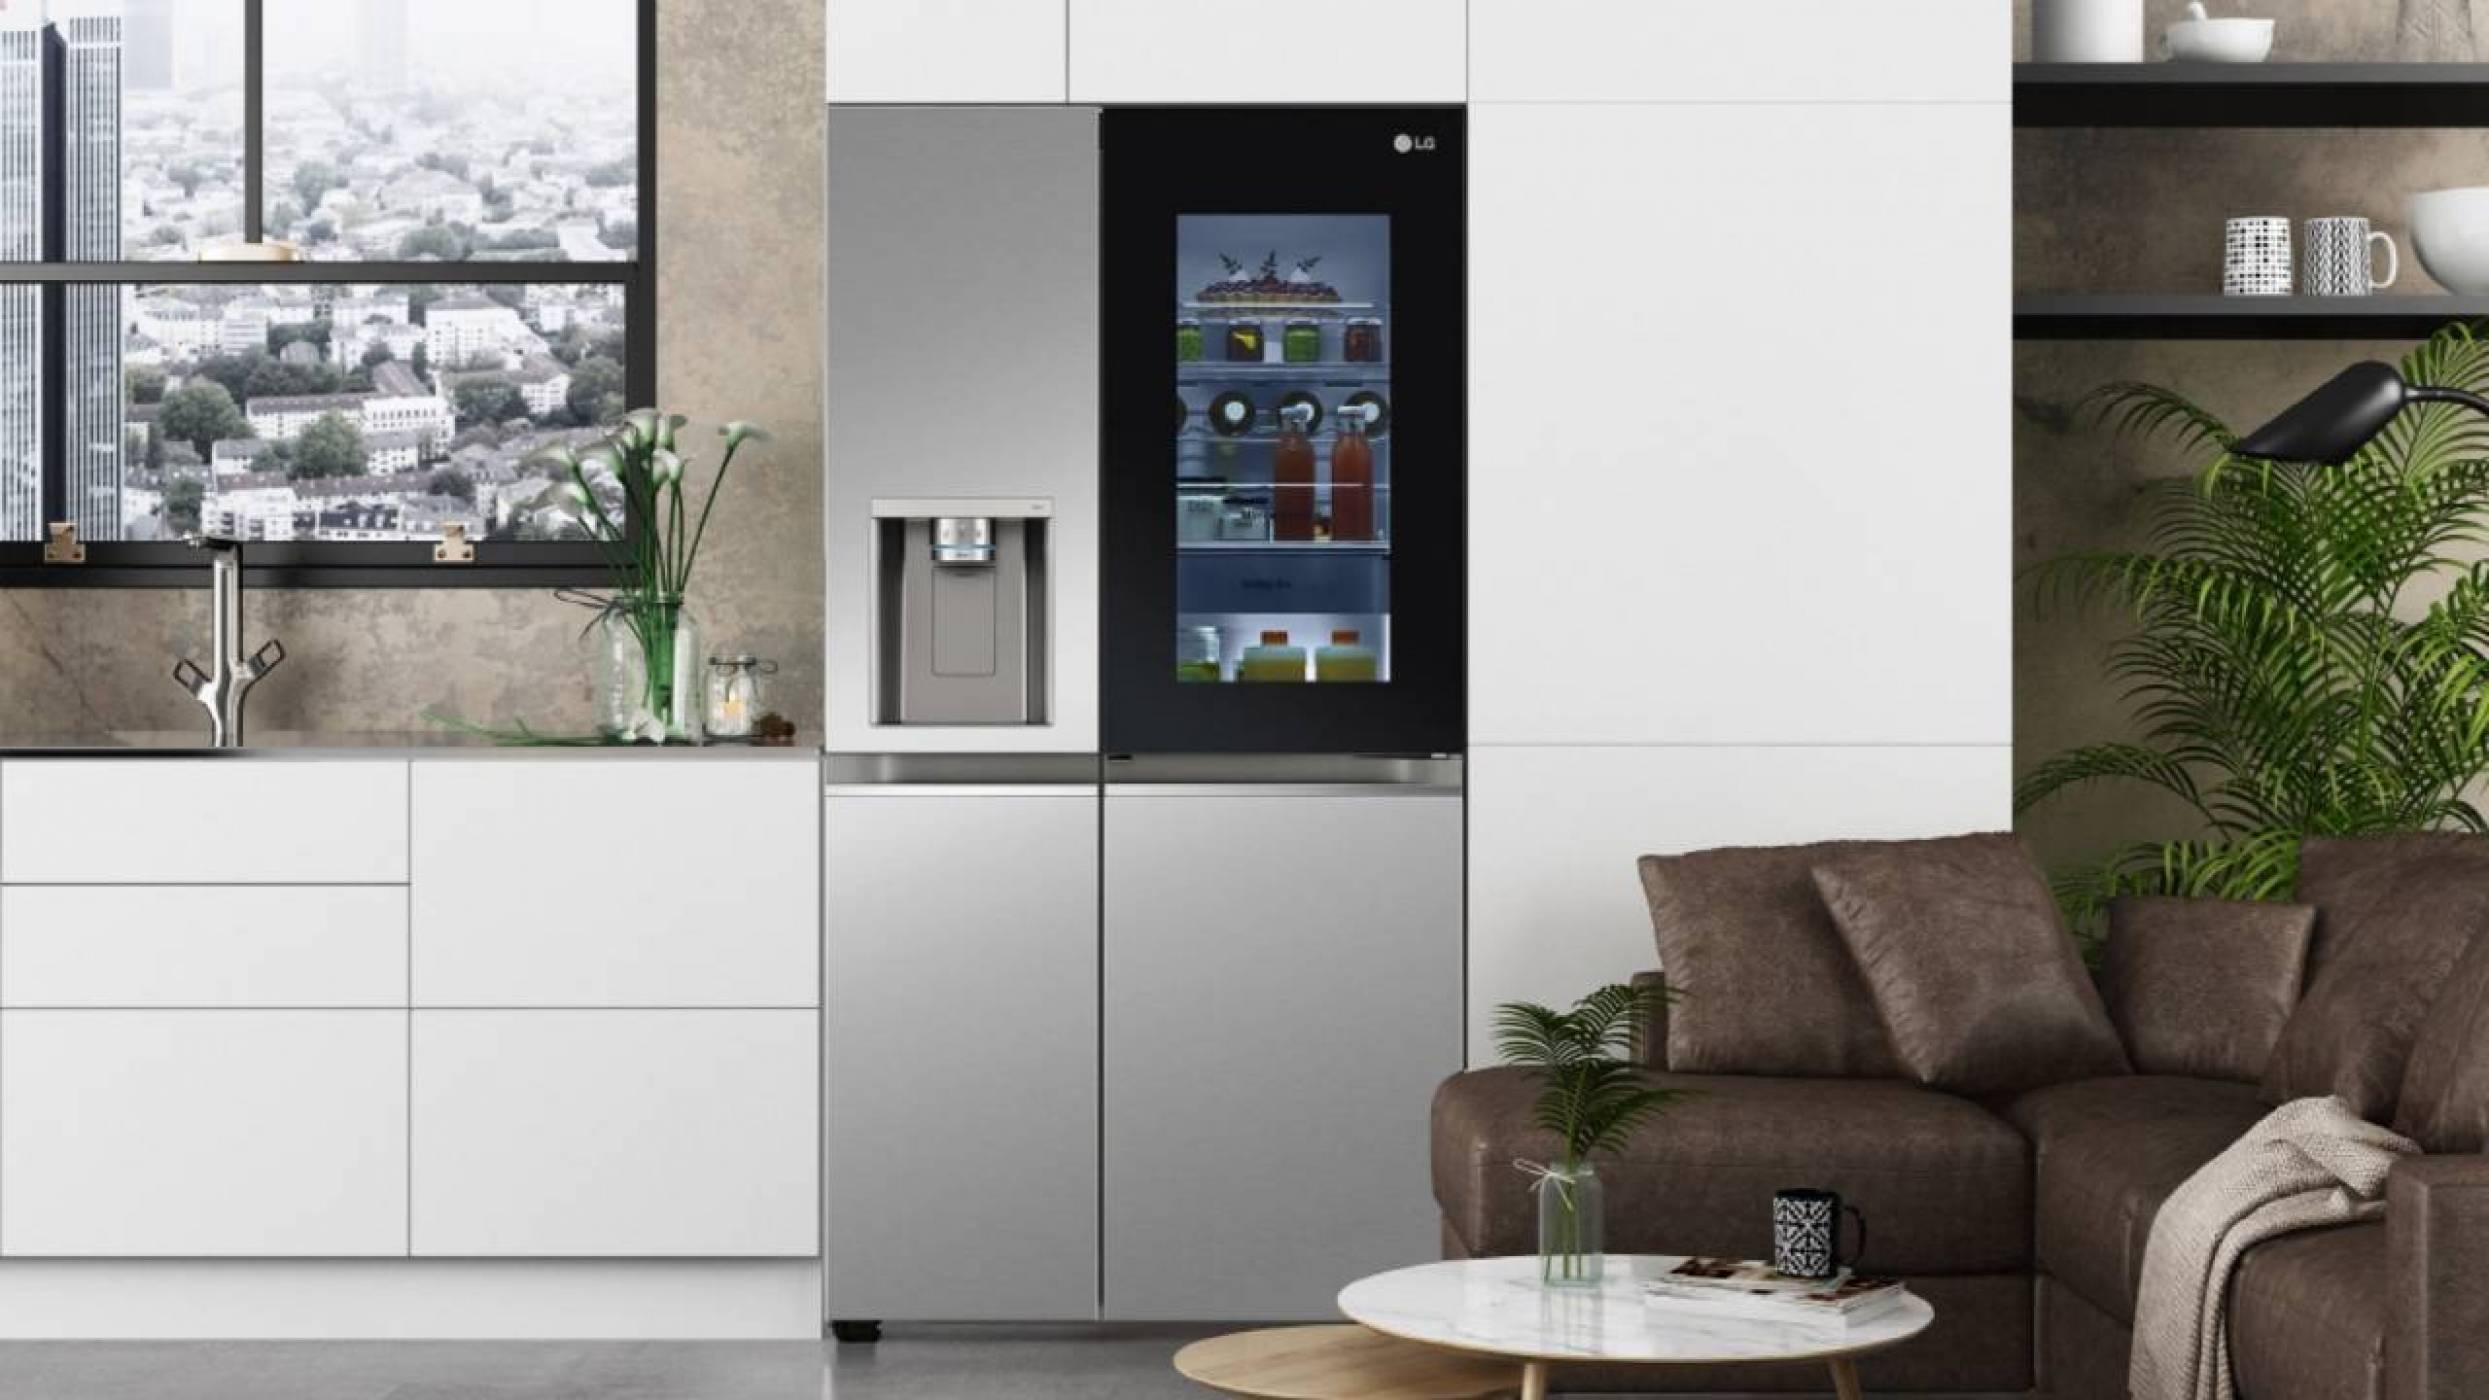 LG представи уникален хладилник, който се управлява с гласови команди